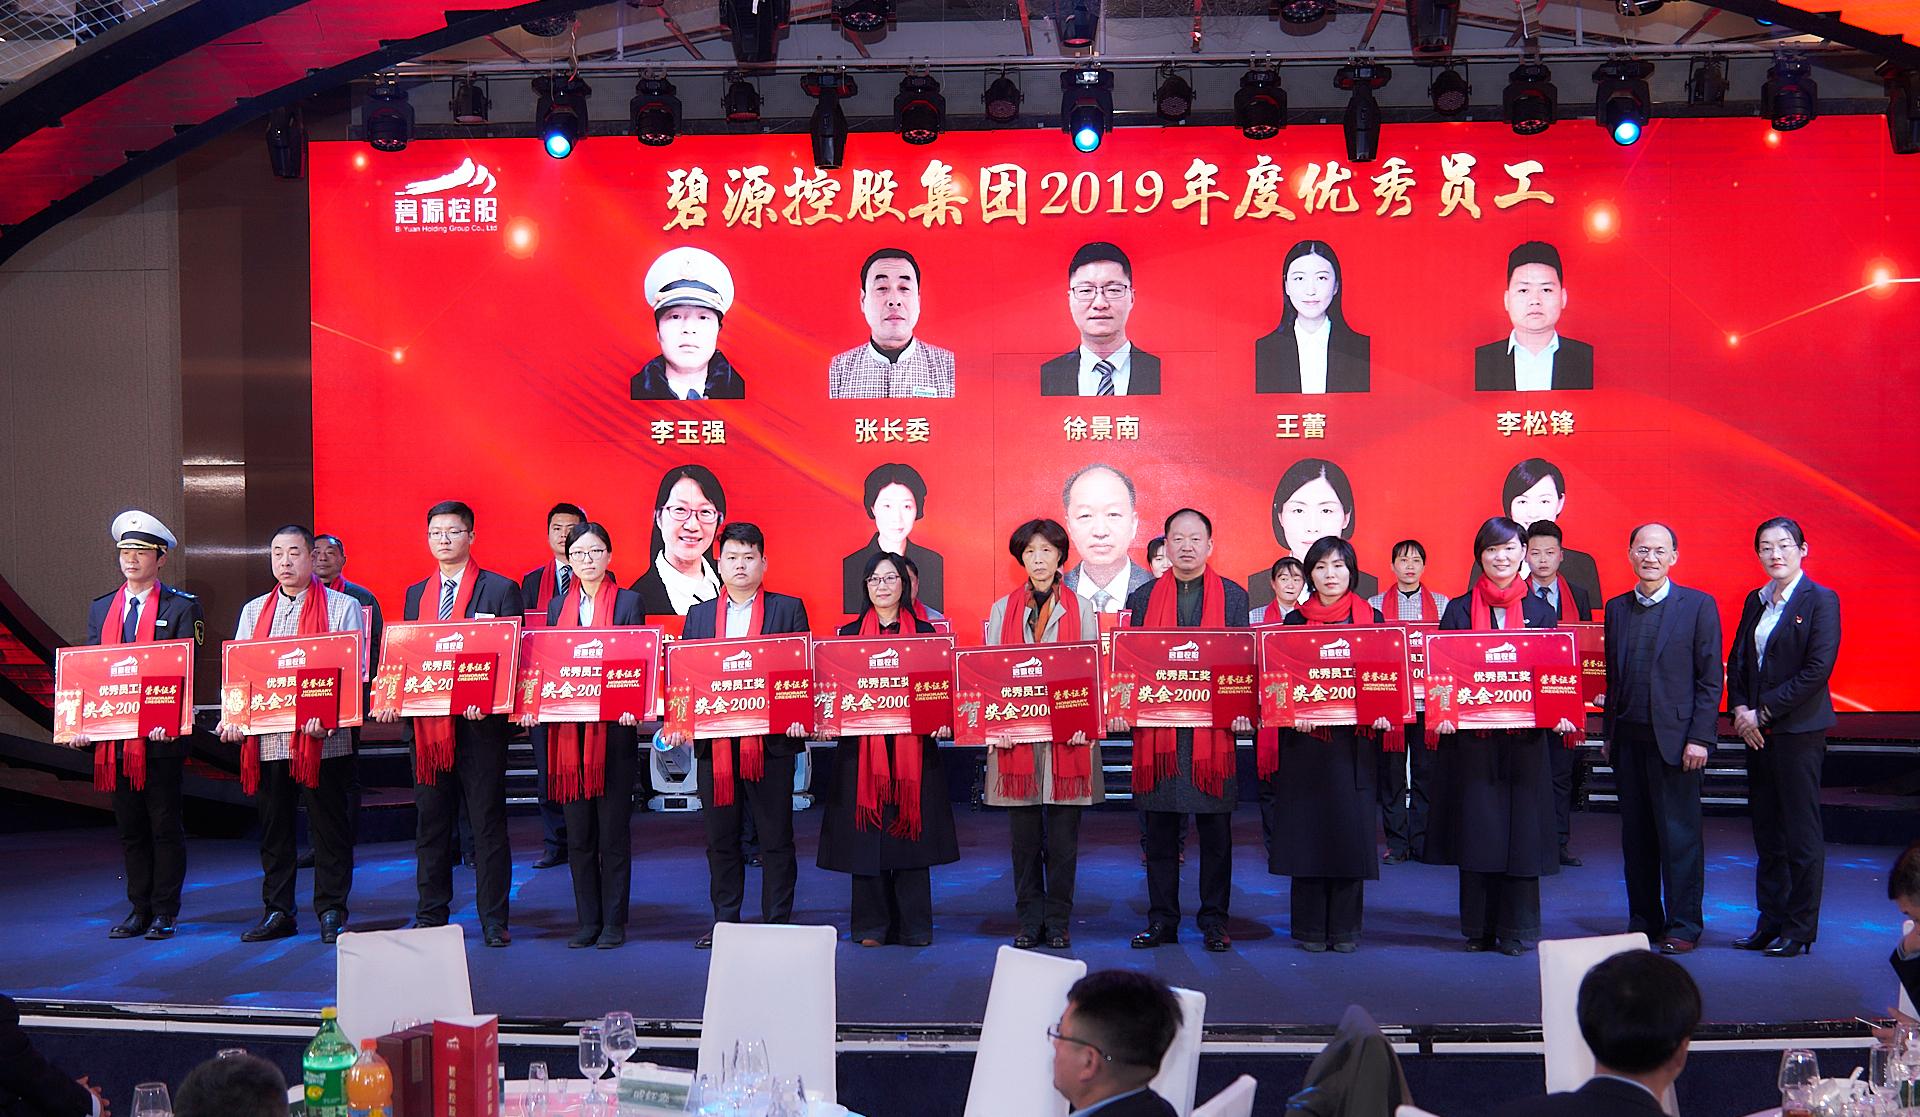 以梦为马,不负韶华 | 万博manbetx官网电脑控股集团召开2019年度表彰大会